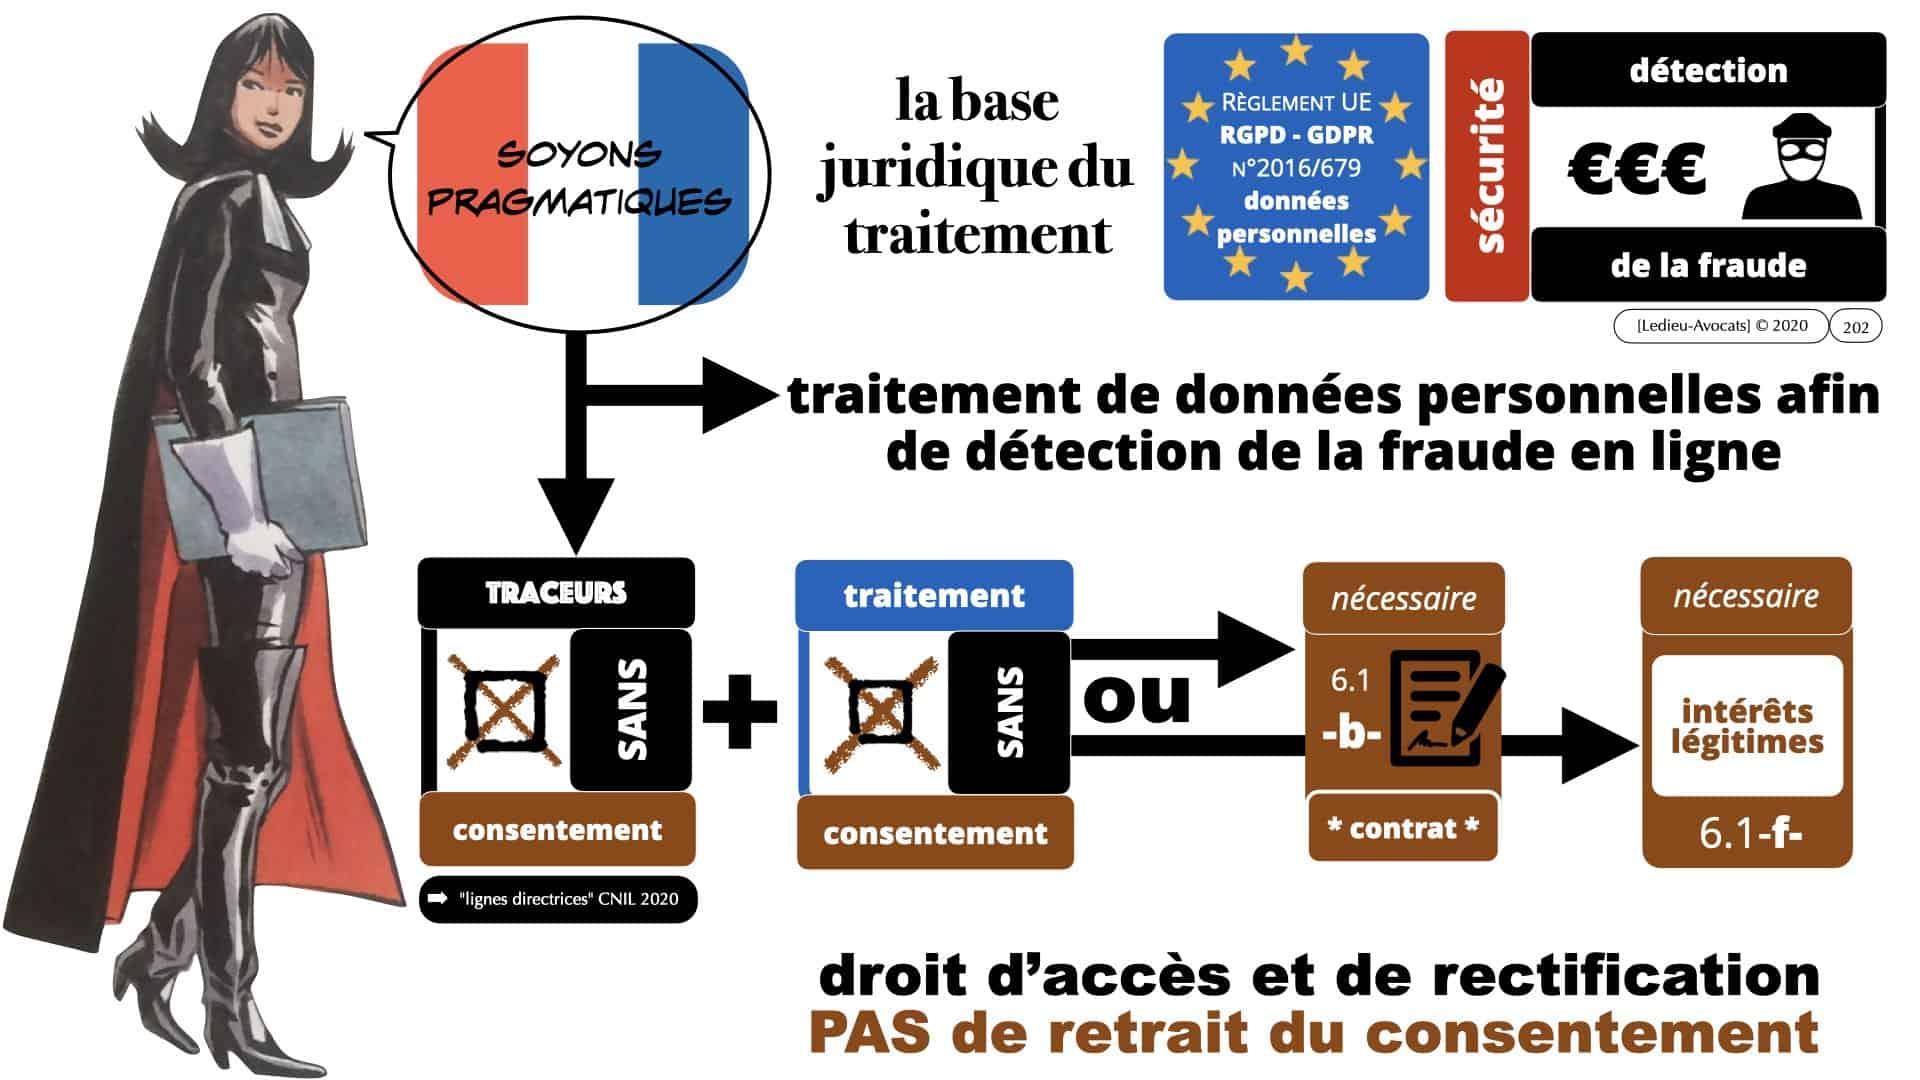 RGPD e-Privacy données personnelles jurisprudence formation Lamy Les Echos 10-02-2021 ©Ledieu-Avocats.202